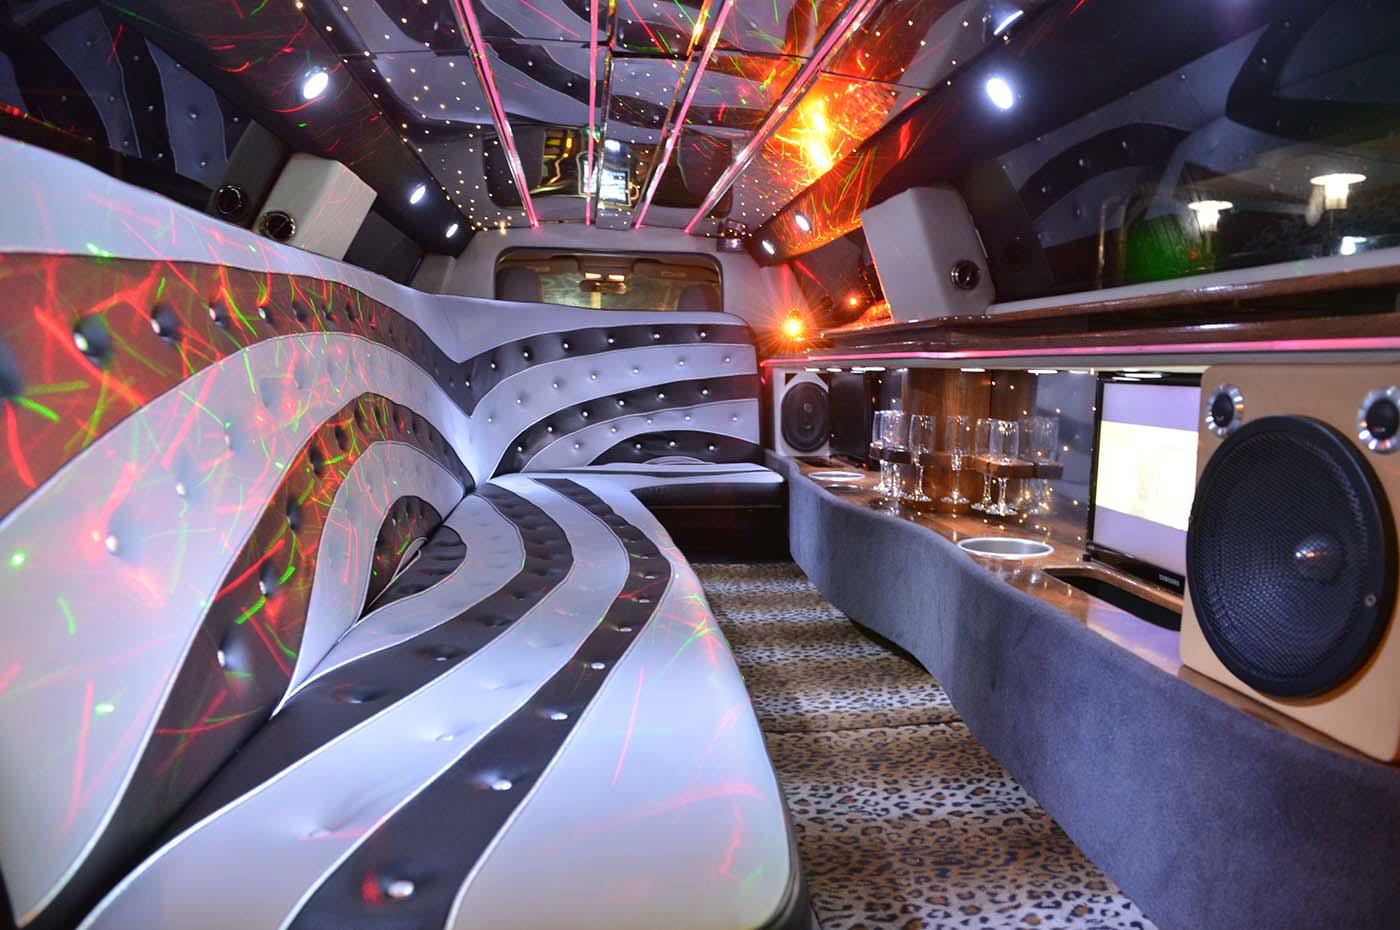 noleggio limousine roma interni Vip Limousine Club